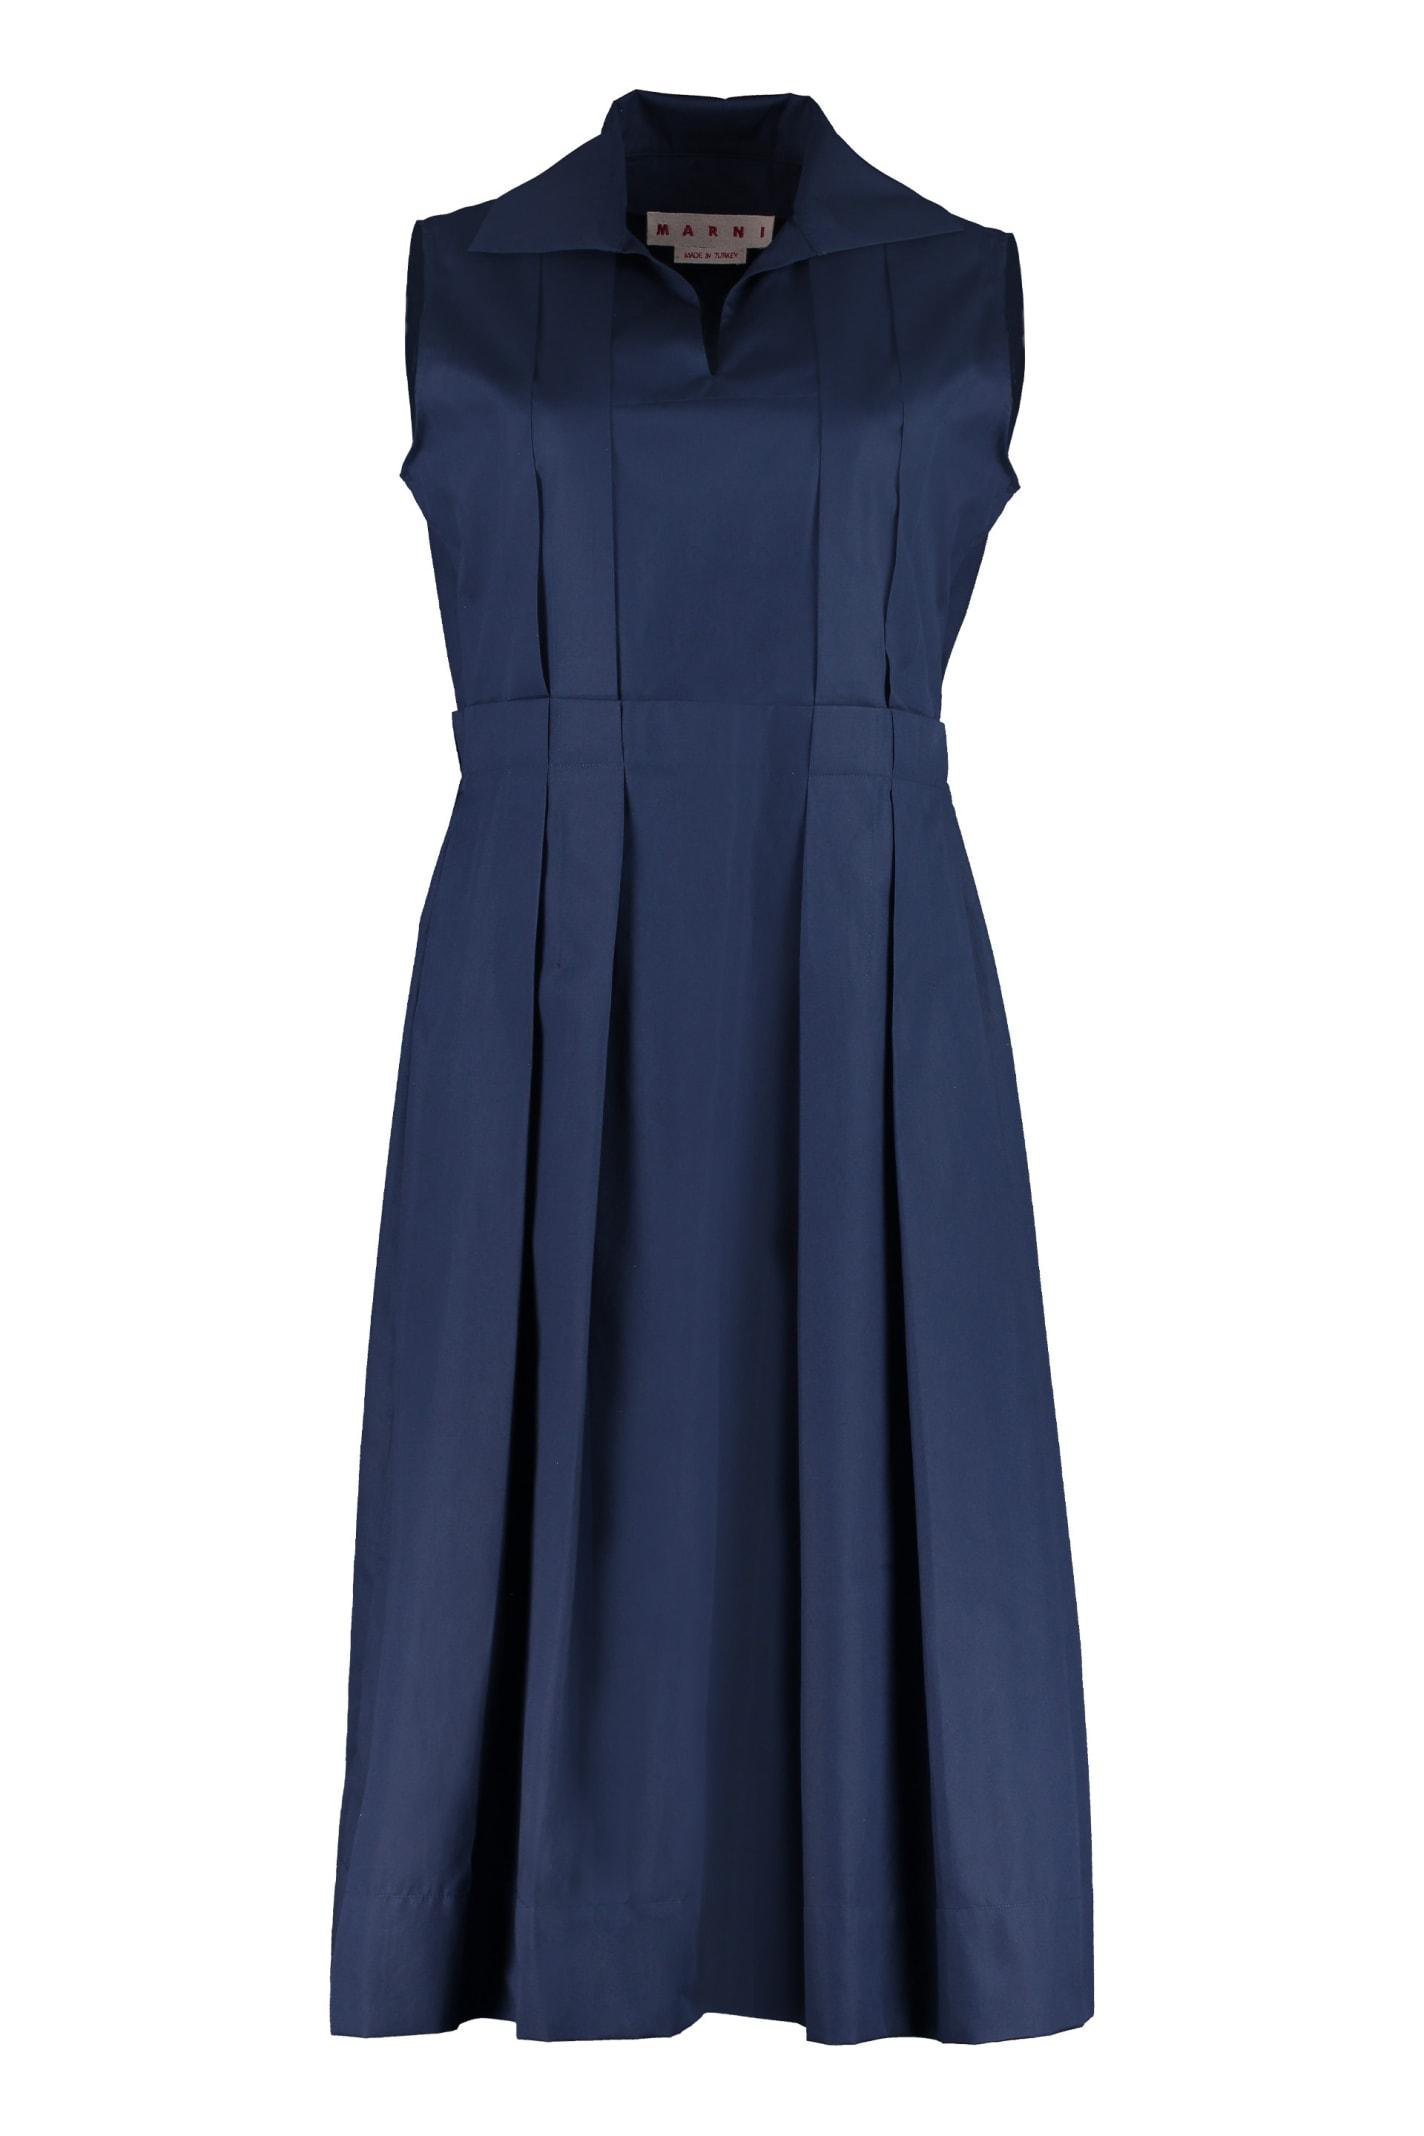 Marni Pleated Poplin Dress